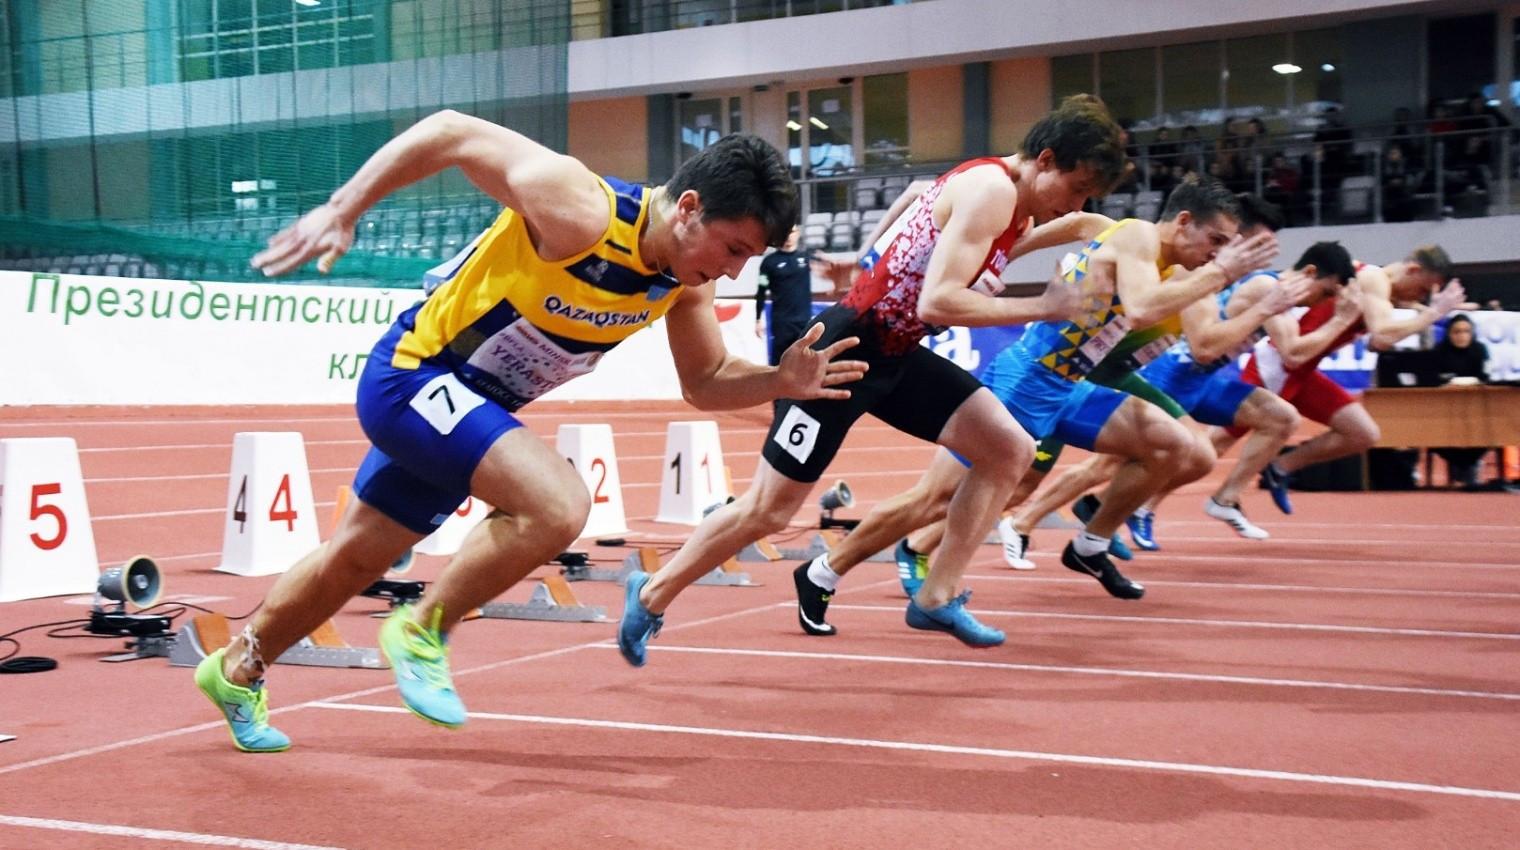 фото легкой атлетики казахстана чём том числе